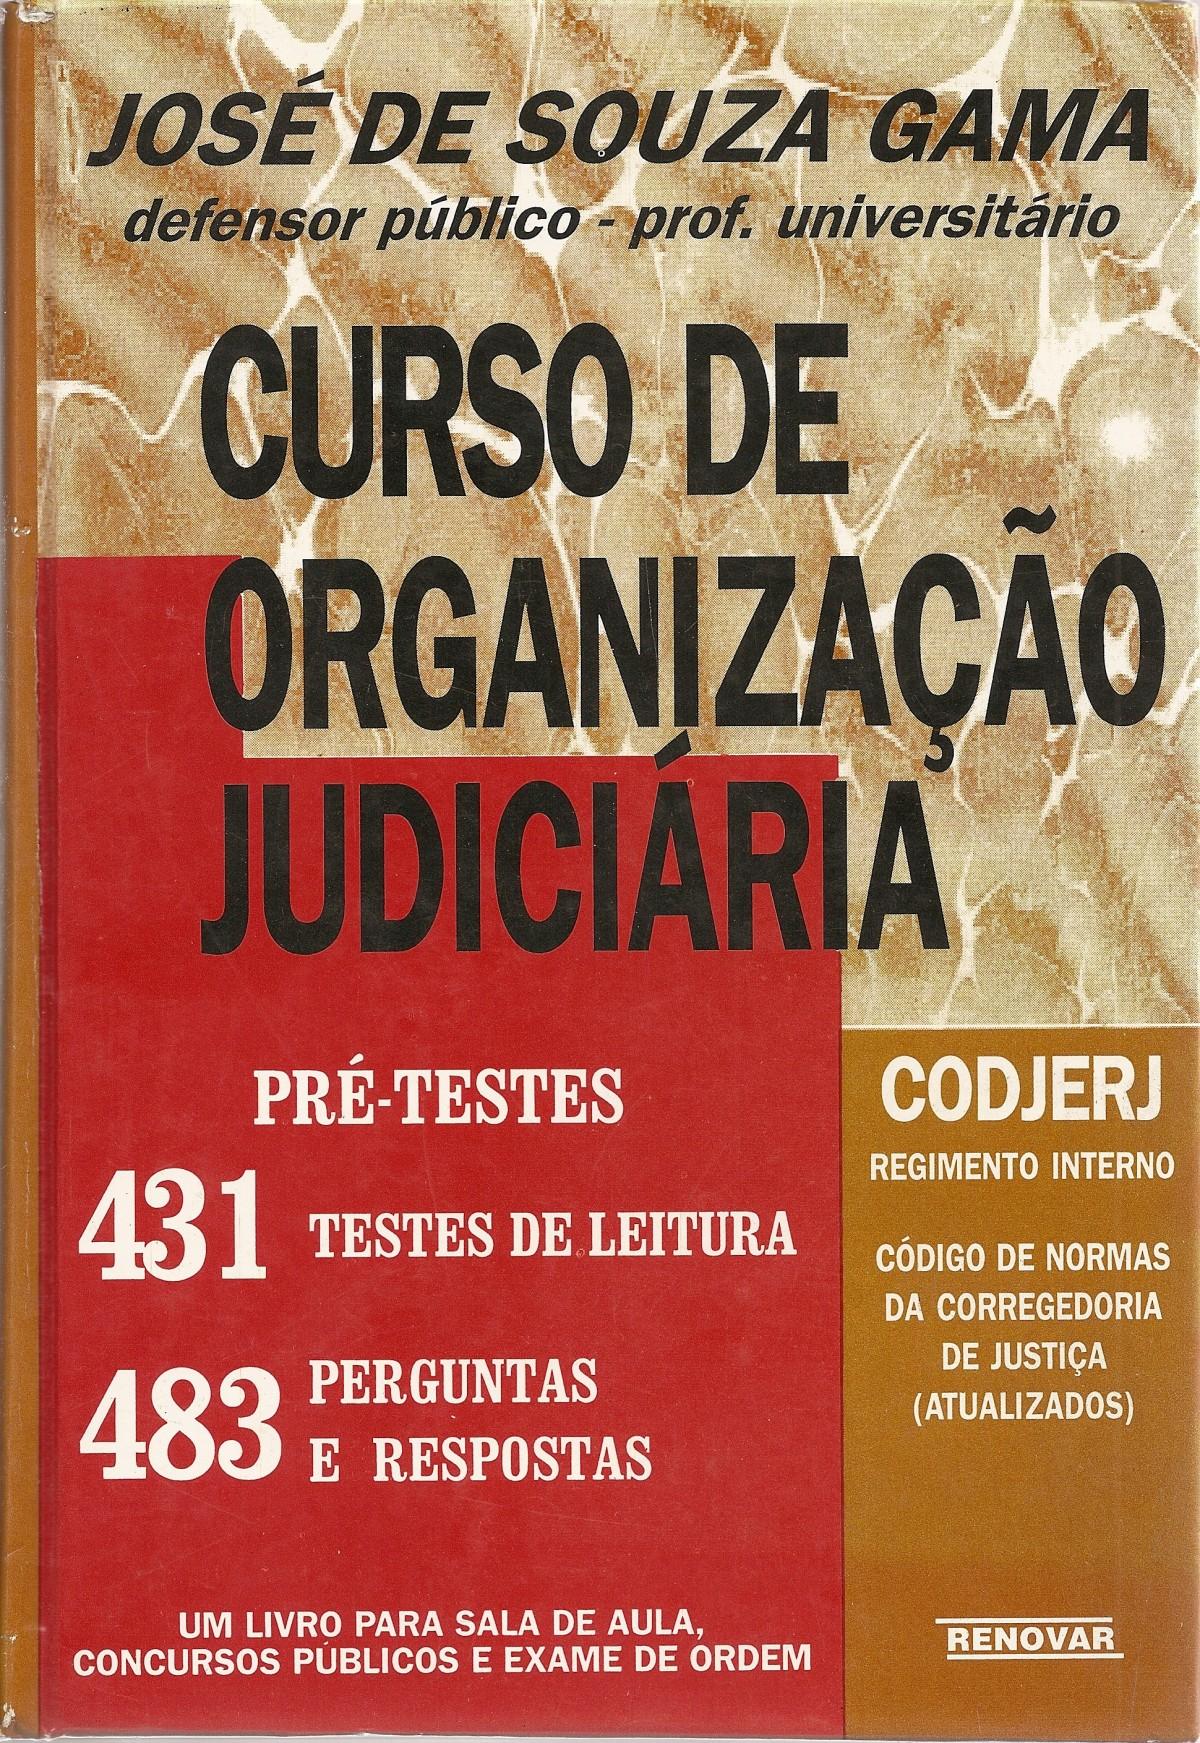 Foto 1 - Curso de Organização Jurídica